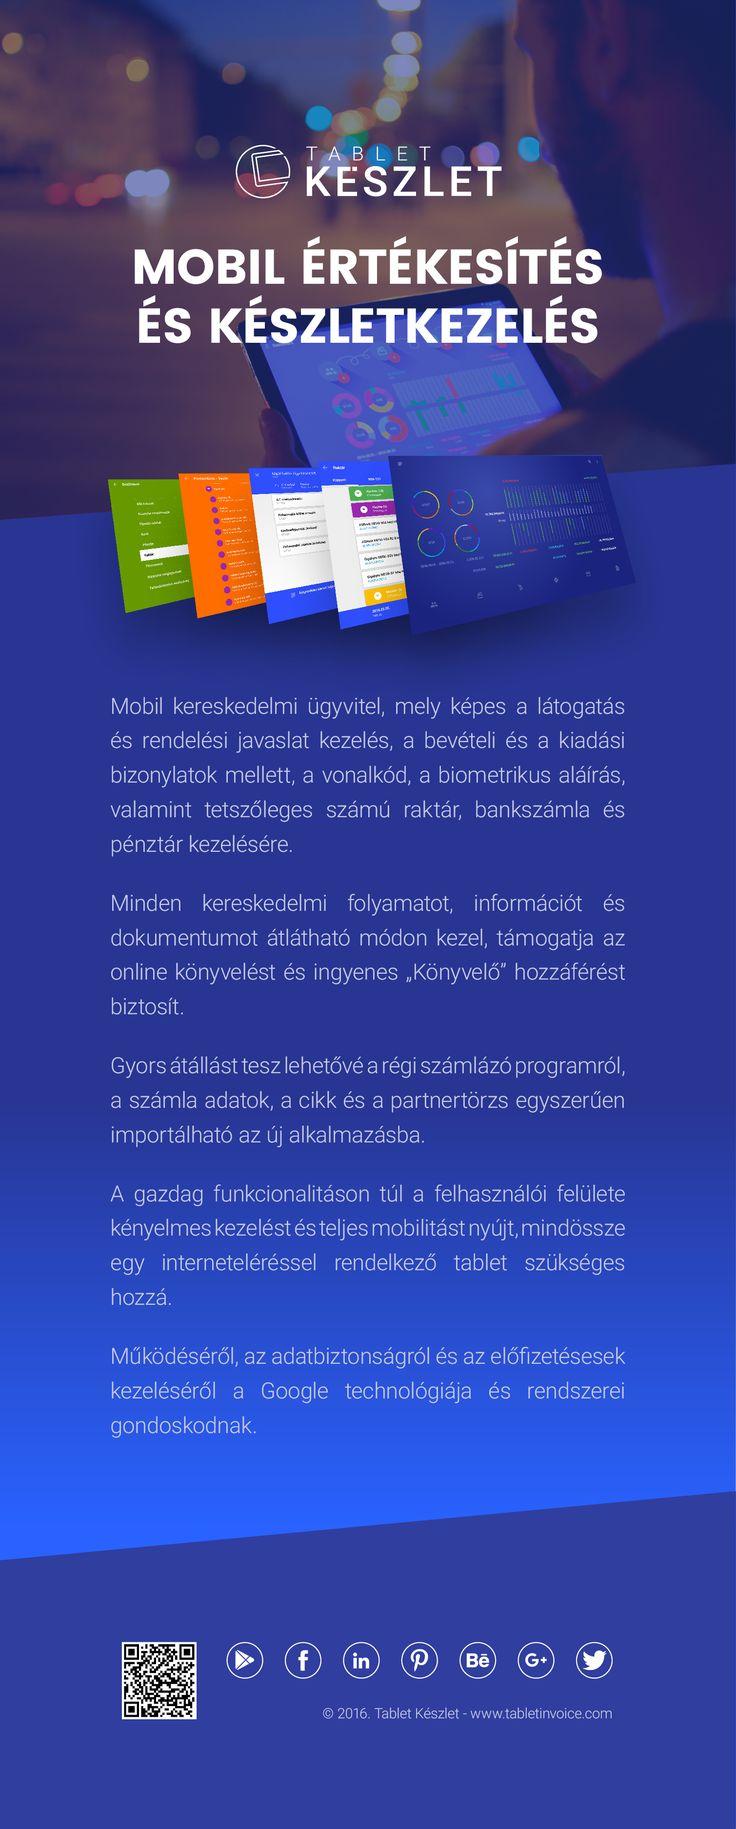 """Mobil kereskedelmi ügyvitel, mely képes a látogatás és rendelési javaslat kezelés, a bevételi és a kiadási bizonylatok mellett, a vonalkód, a biometrikus aláírás, valamint tetszőleges számú raktár, bankszámla és pénztár kezelésére. Minden kereskedelmi folyamatot, információt és dokumentumot átlátható módon kezel, támogatja az online könyvelést és ingyenes """"Könyvelő"""" hozzáférést biztosít.   https://play.google.com/store/apps/details?id=com.tabletinvoice.stock&hl=hu"""